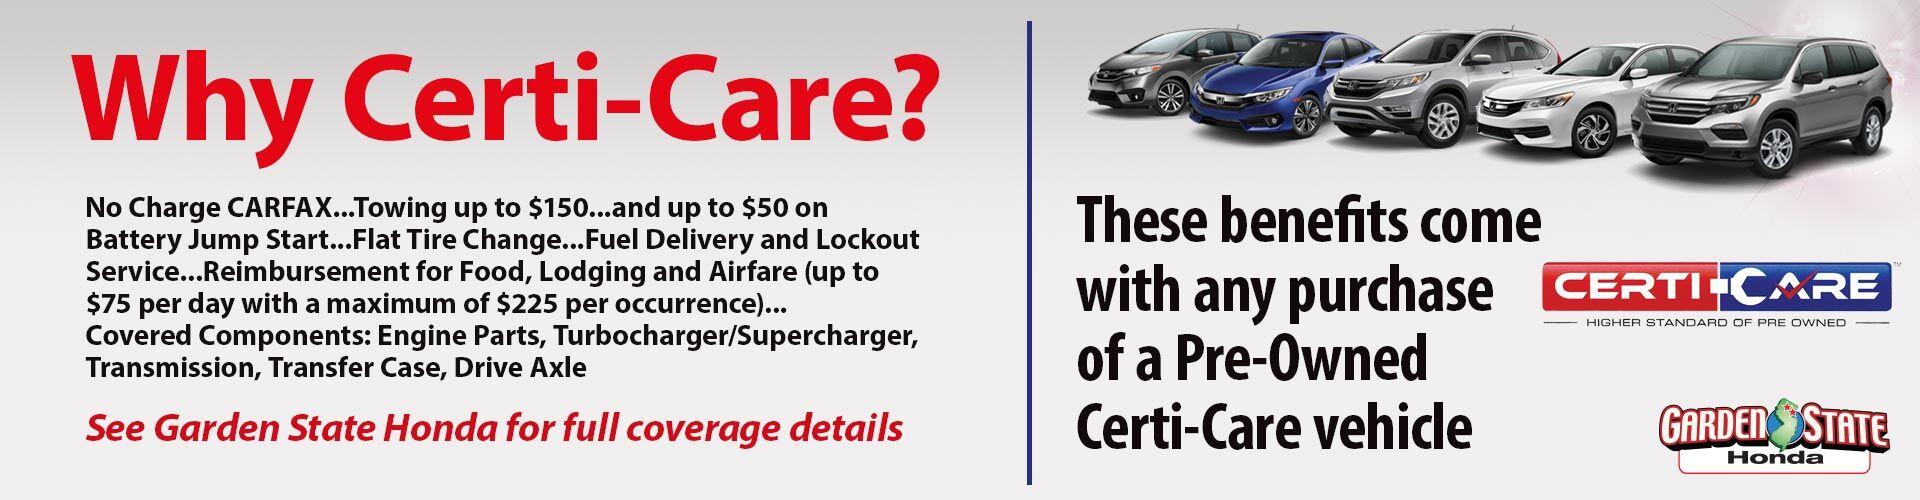 Why Certi-Care?